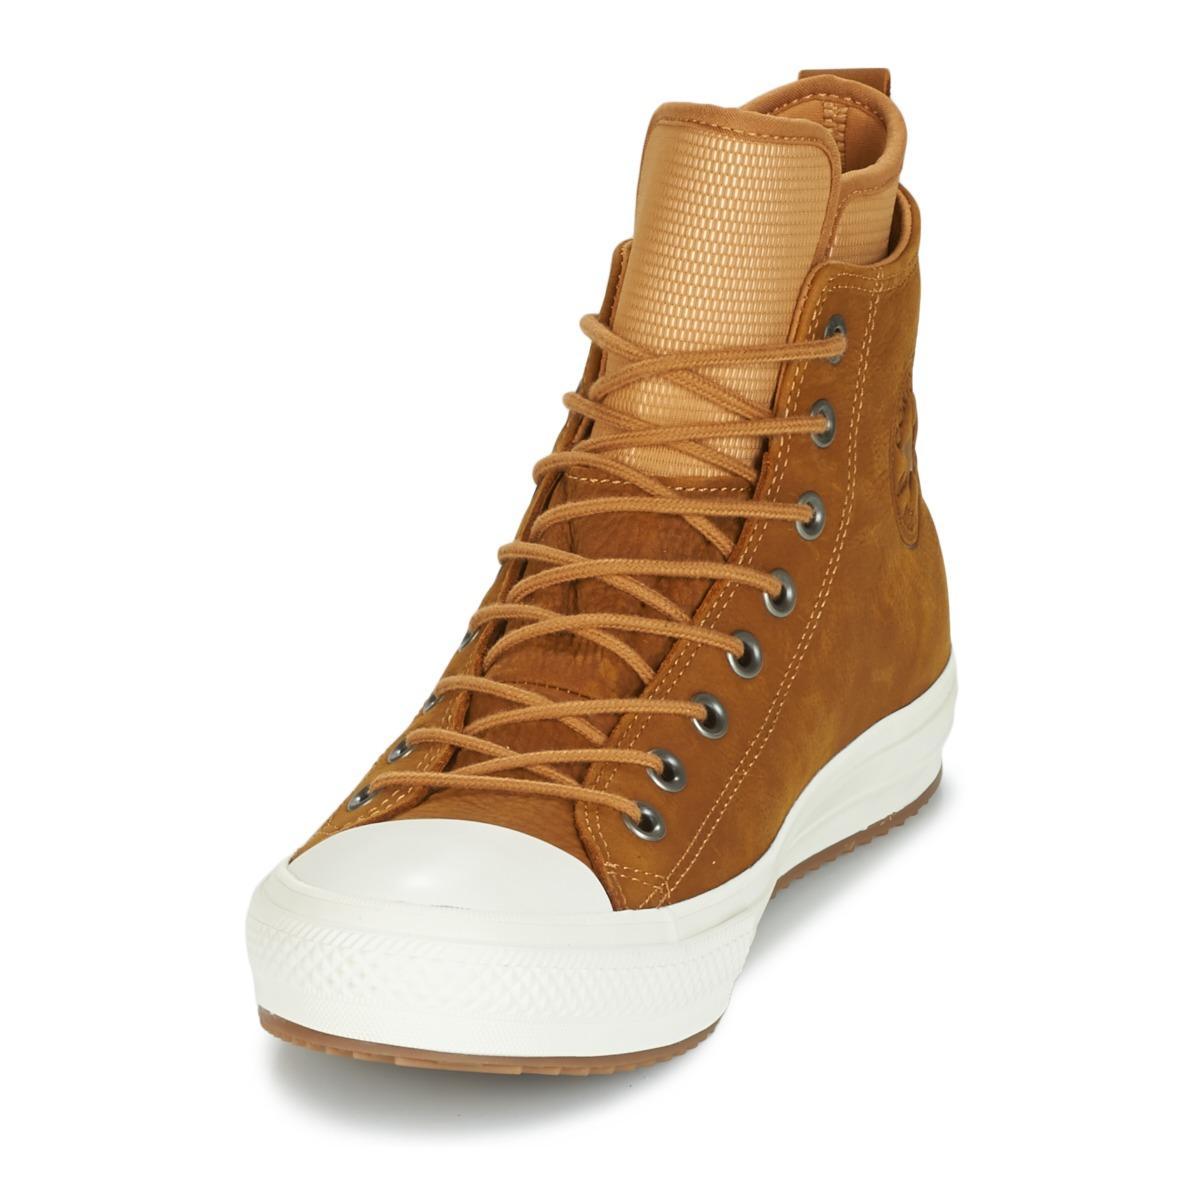 7fb3dc638145 Converse - Brown Chuck Taylor Wp Boot Nubuck Hi Raw Sugar egret gum Shoes.  View fullscreen